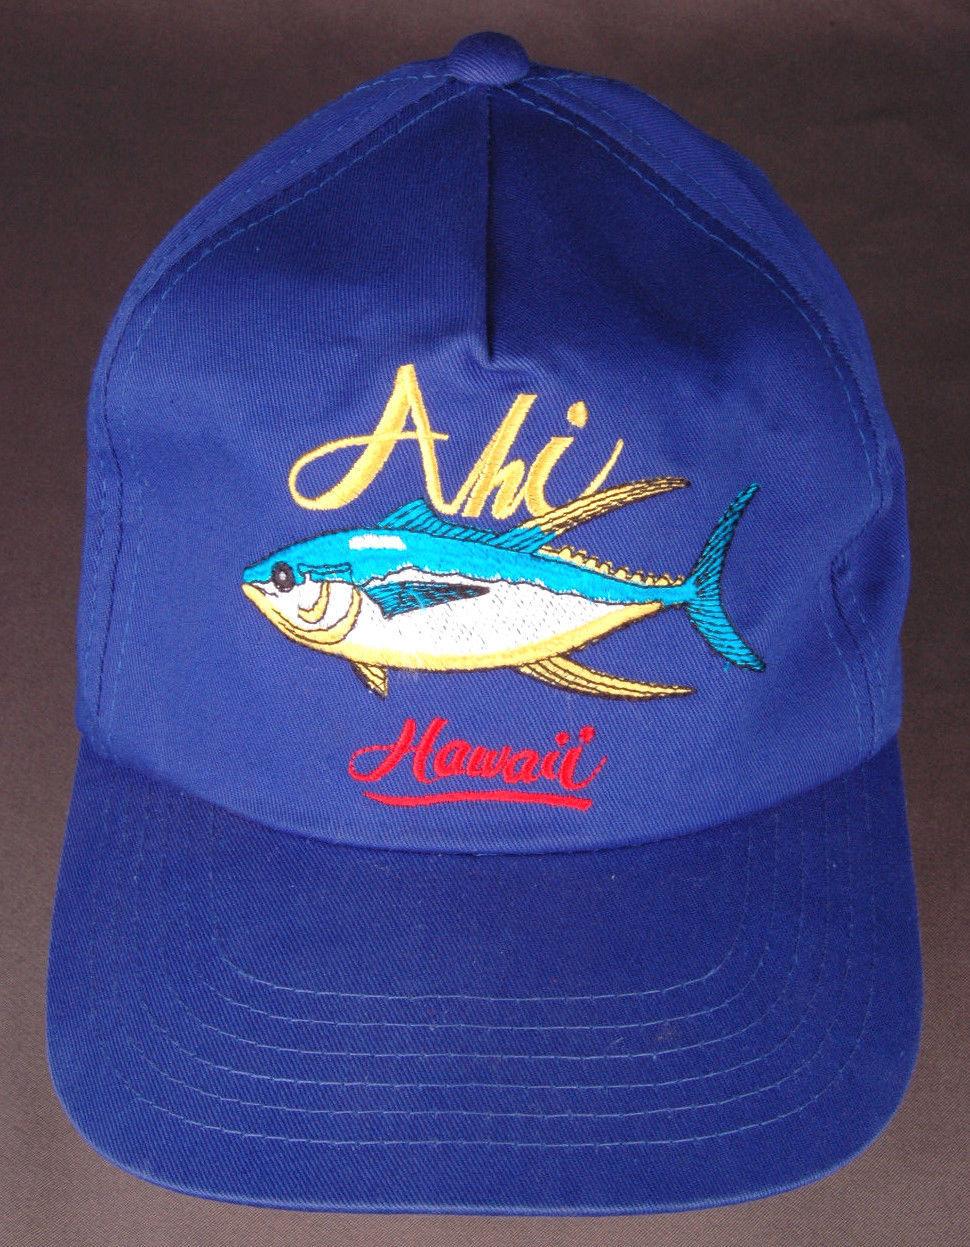 Vtg AHI Hawaii Hat-Blue-Snapback-Fish-Island-Vacation-Dorfman Pacific-Trucker